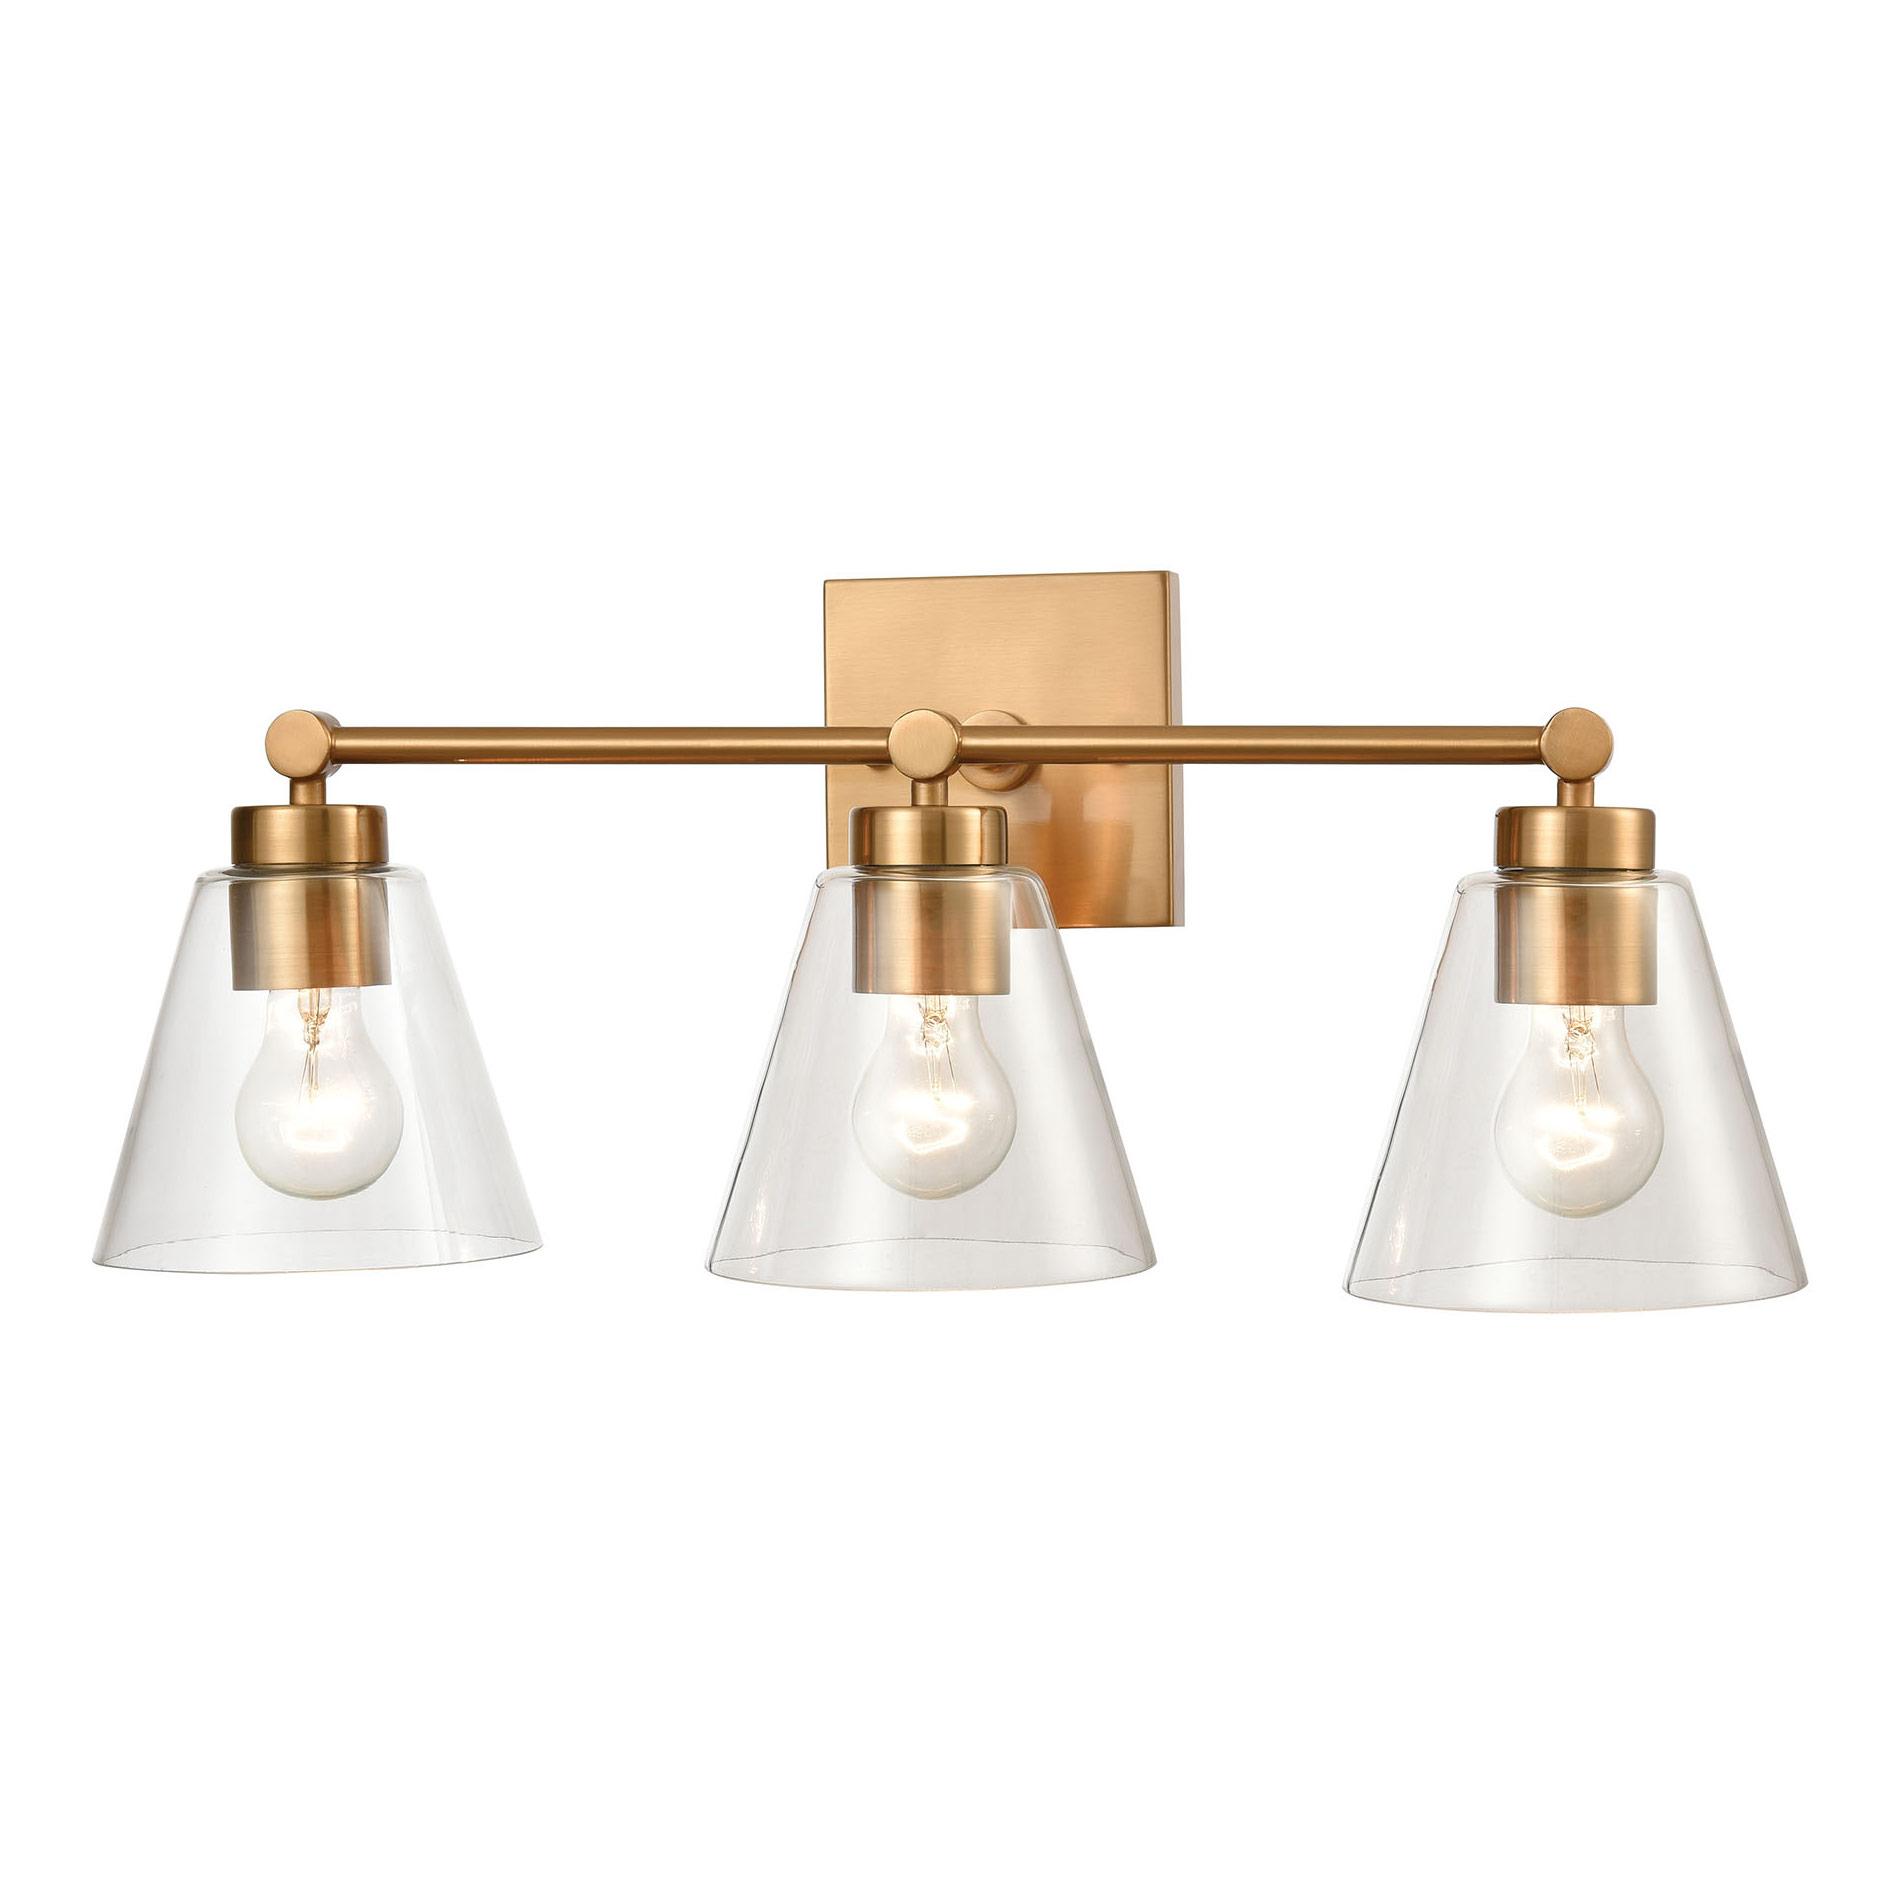 East Point Bathroom Vanity Light By Elk Lighting 18334 3